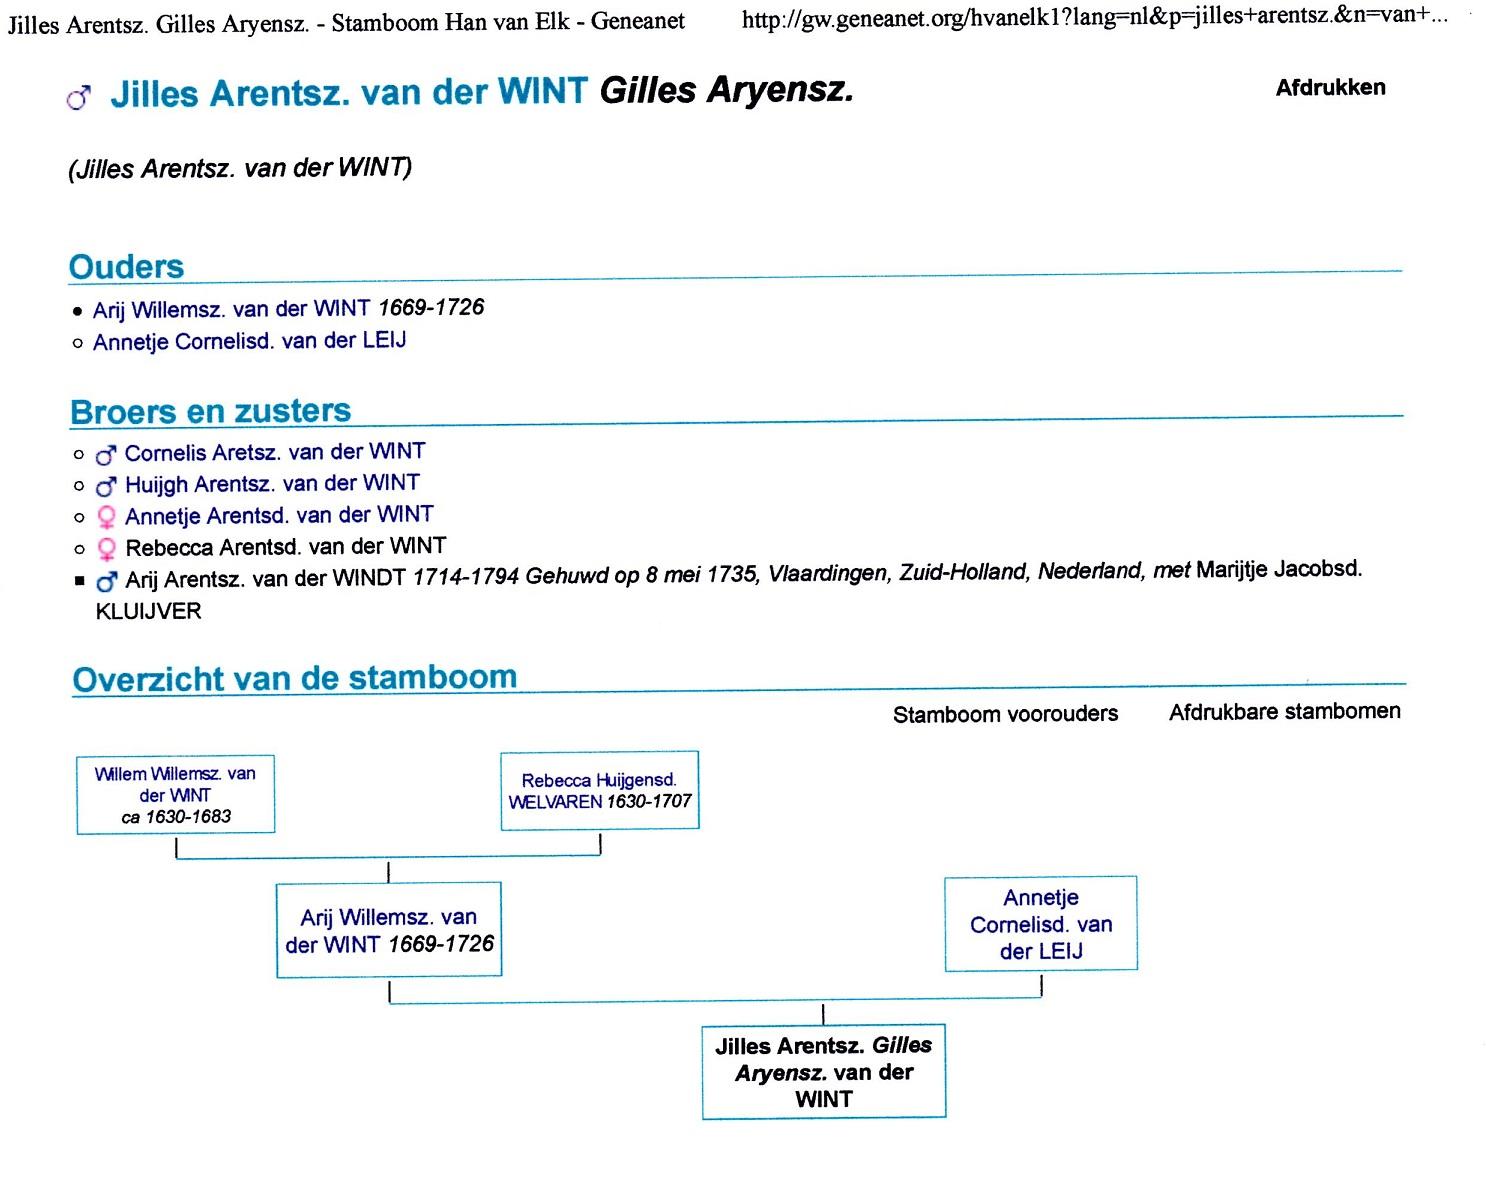 1708-09-26 Stamboomgegevens Jilles Arentsz (Gilles) van der Wint